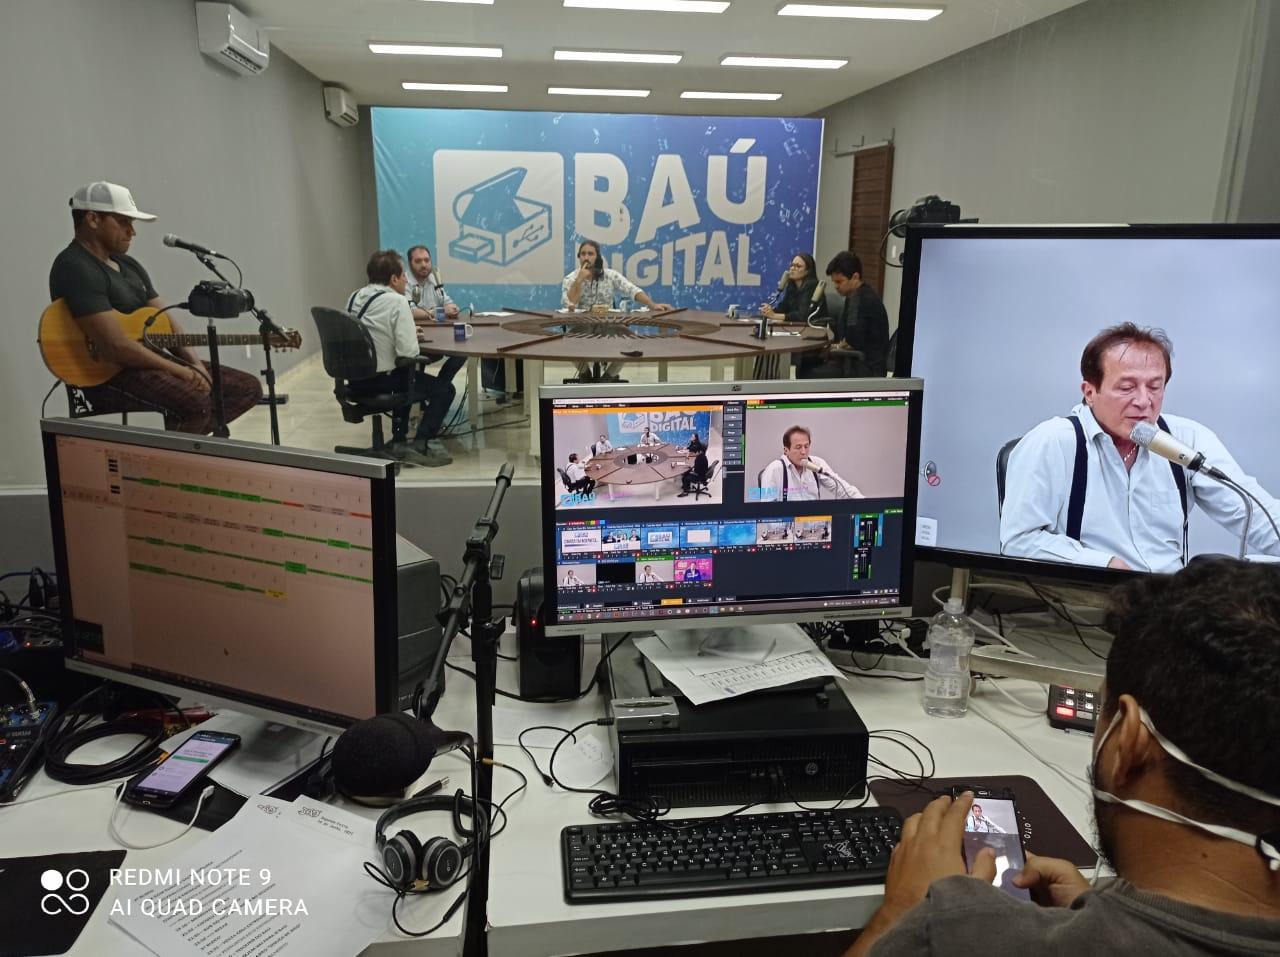 WhatsApp Image 2021 06 14 at 21.42.01 - Com a participação de Abelardo Jurema, programa Baú Digital estreia na 105 FM e plataformas digitais - VEJA VÍDEO